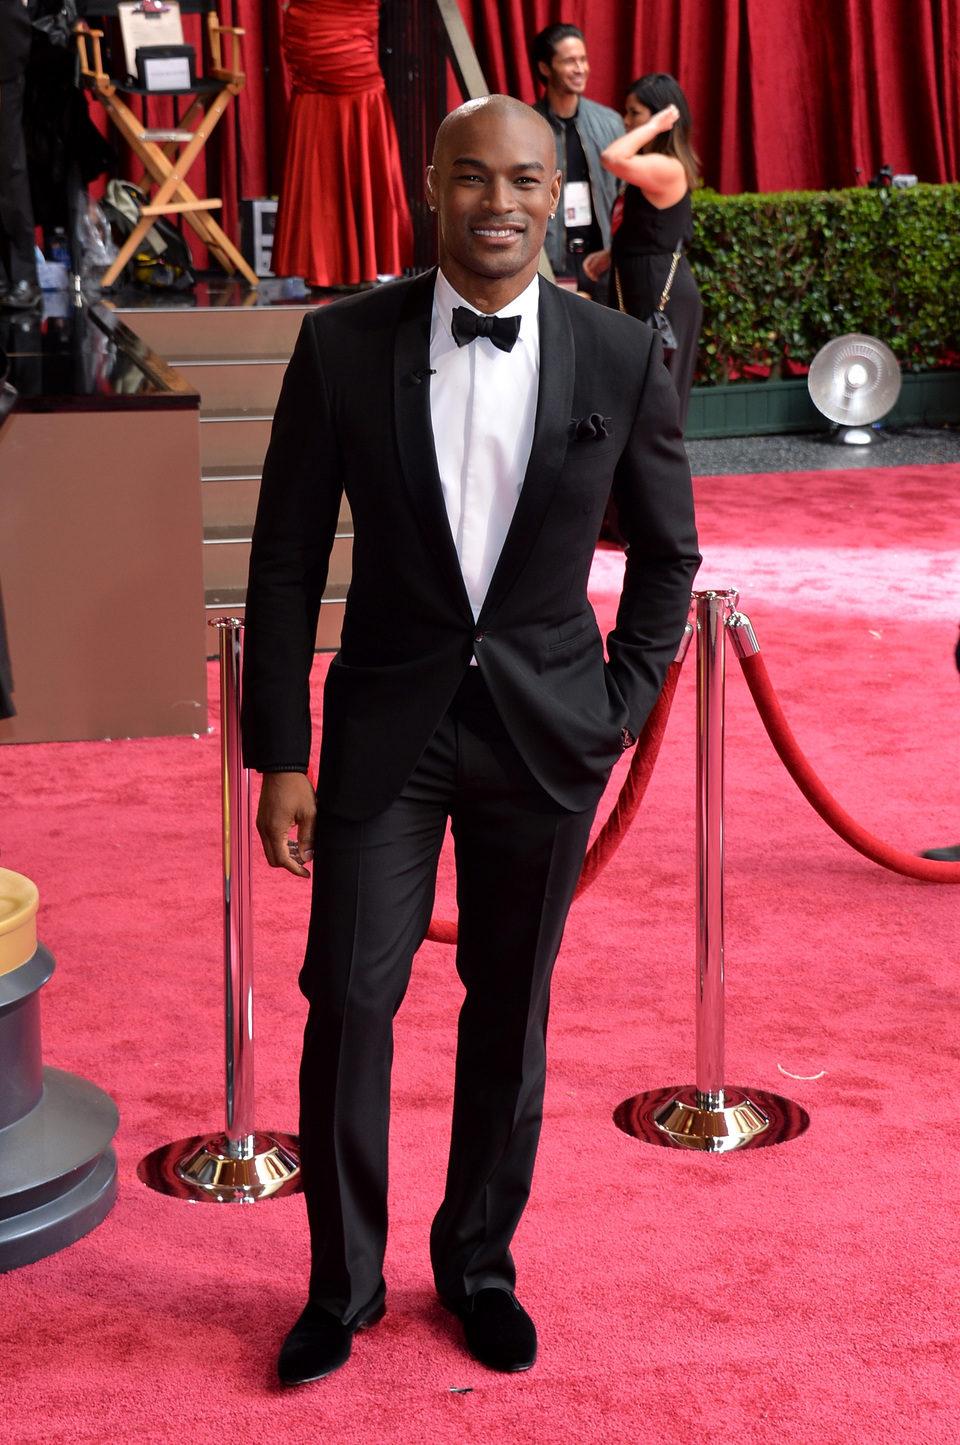 Tyson Beckford at the 2014 Oscars